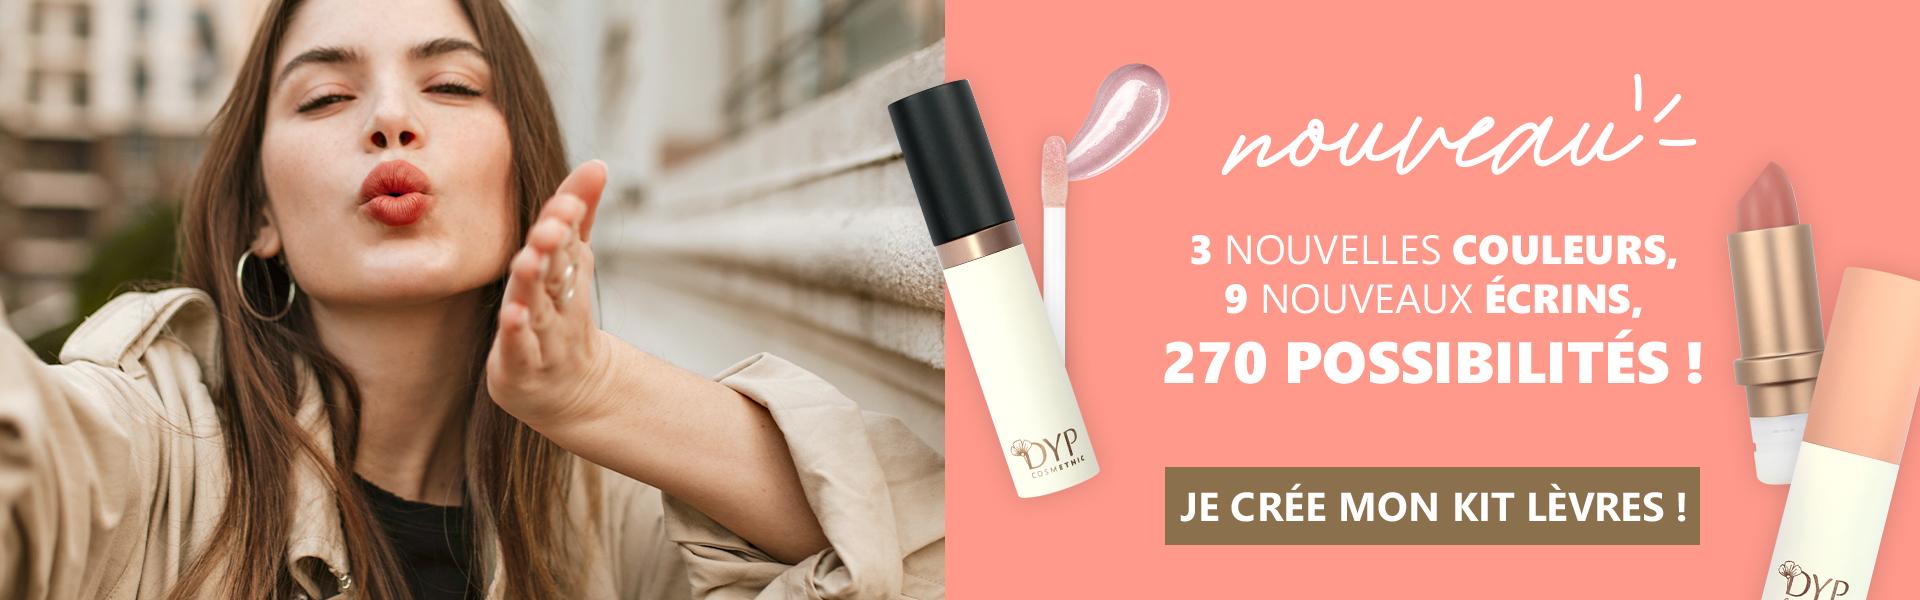 Nouveau - Ecrins Lèvres DYP COSMETHIC